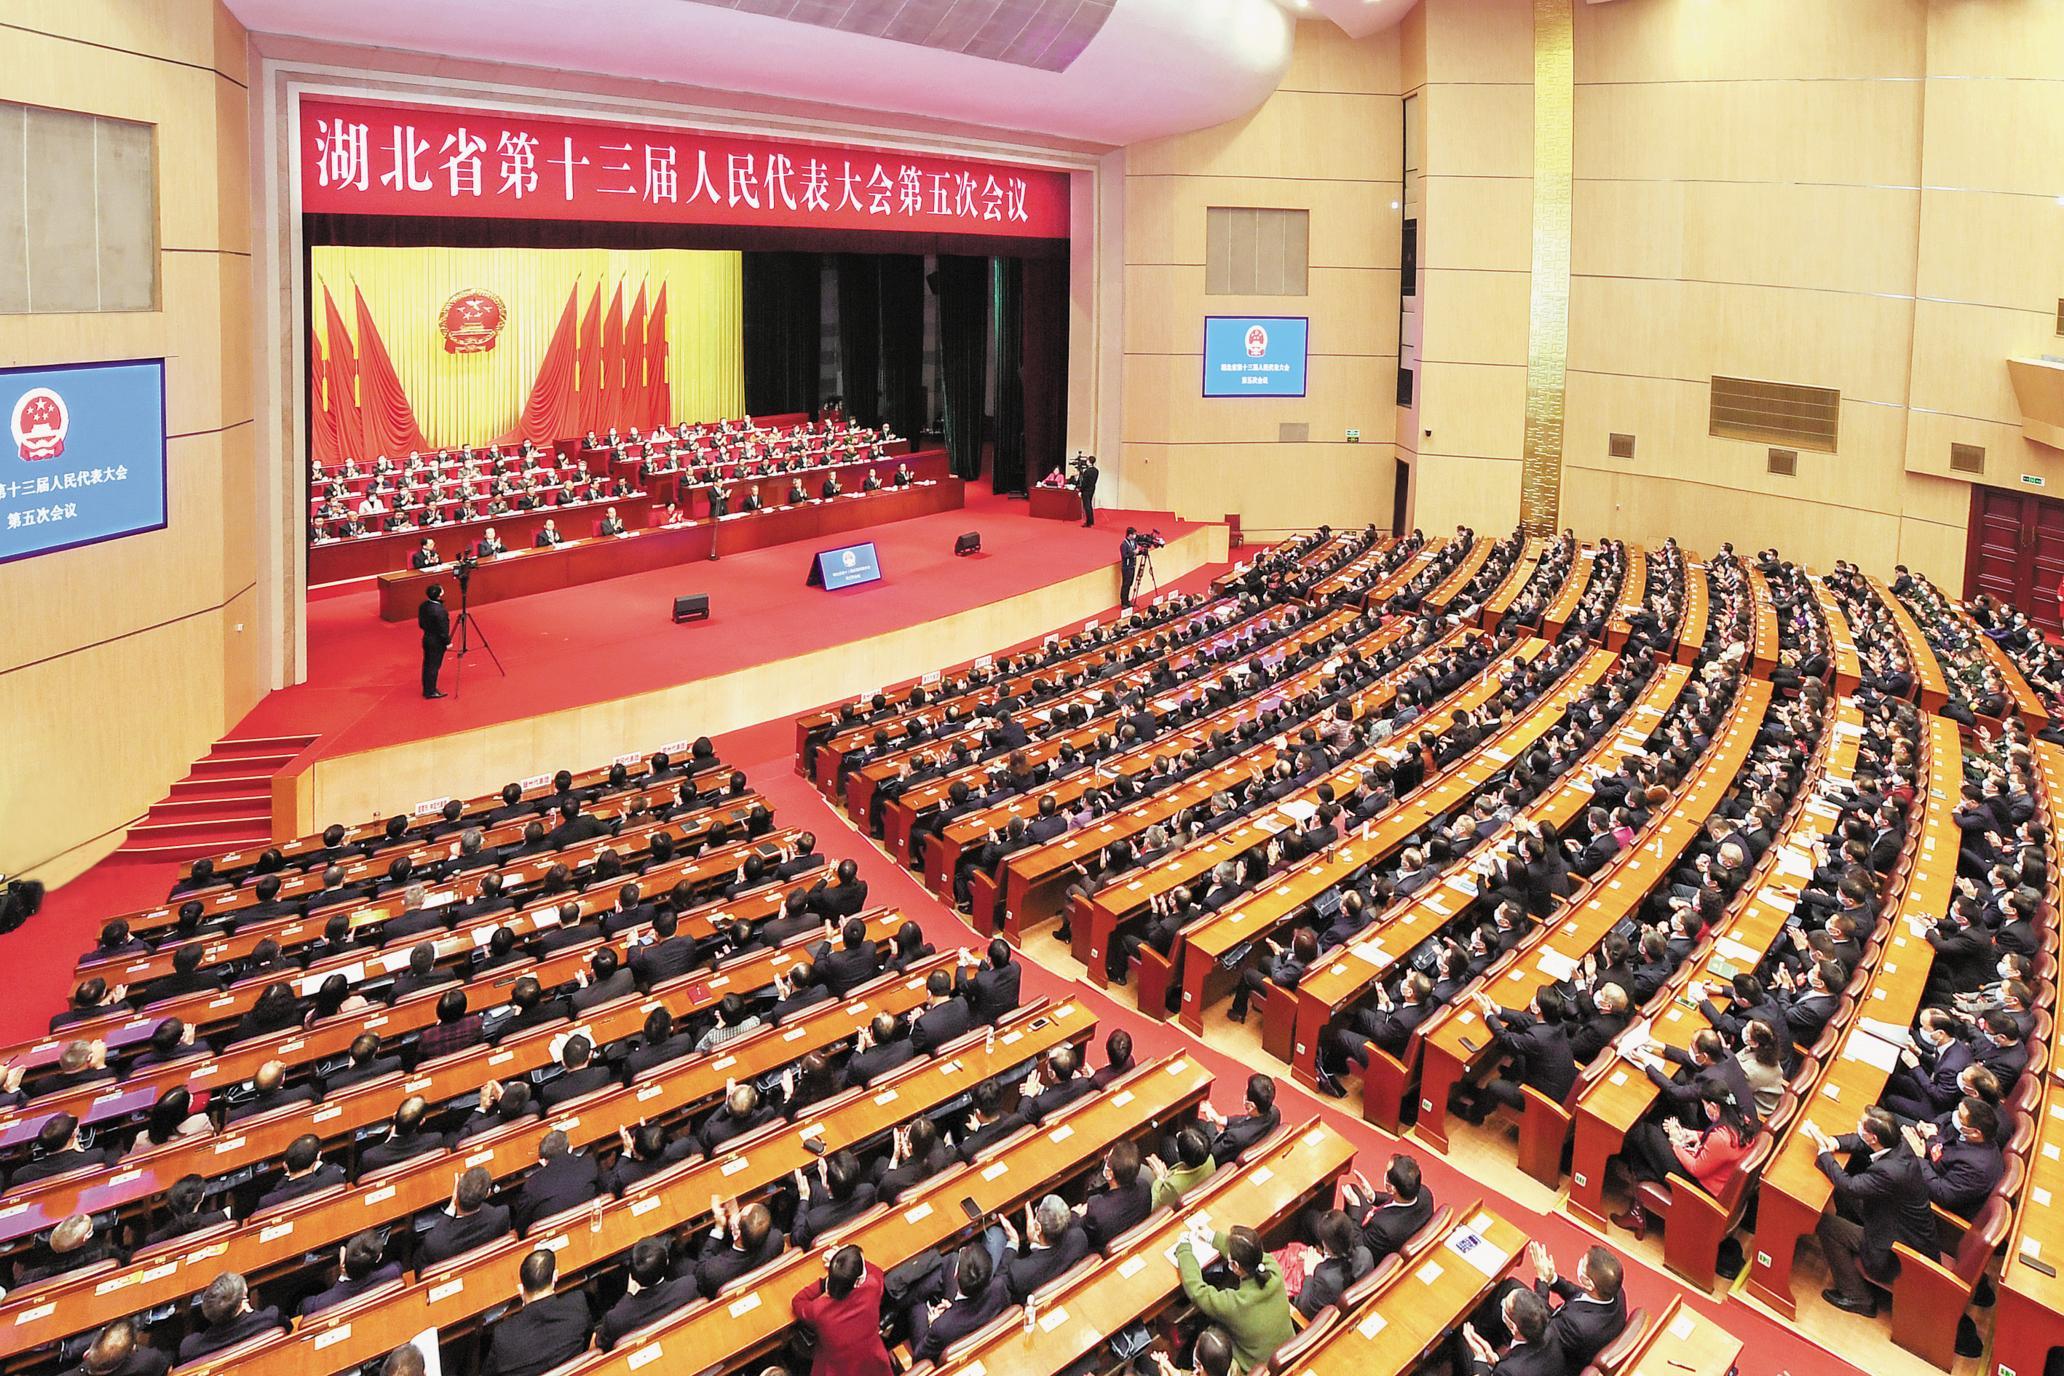 2021年1月27日下午,湖北省十三届人大五次会议闭幕大会现场。(湖北日报全媒记者 陈勇 摄)